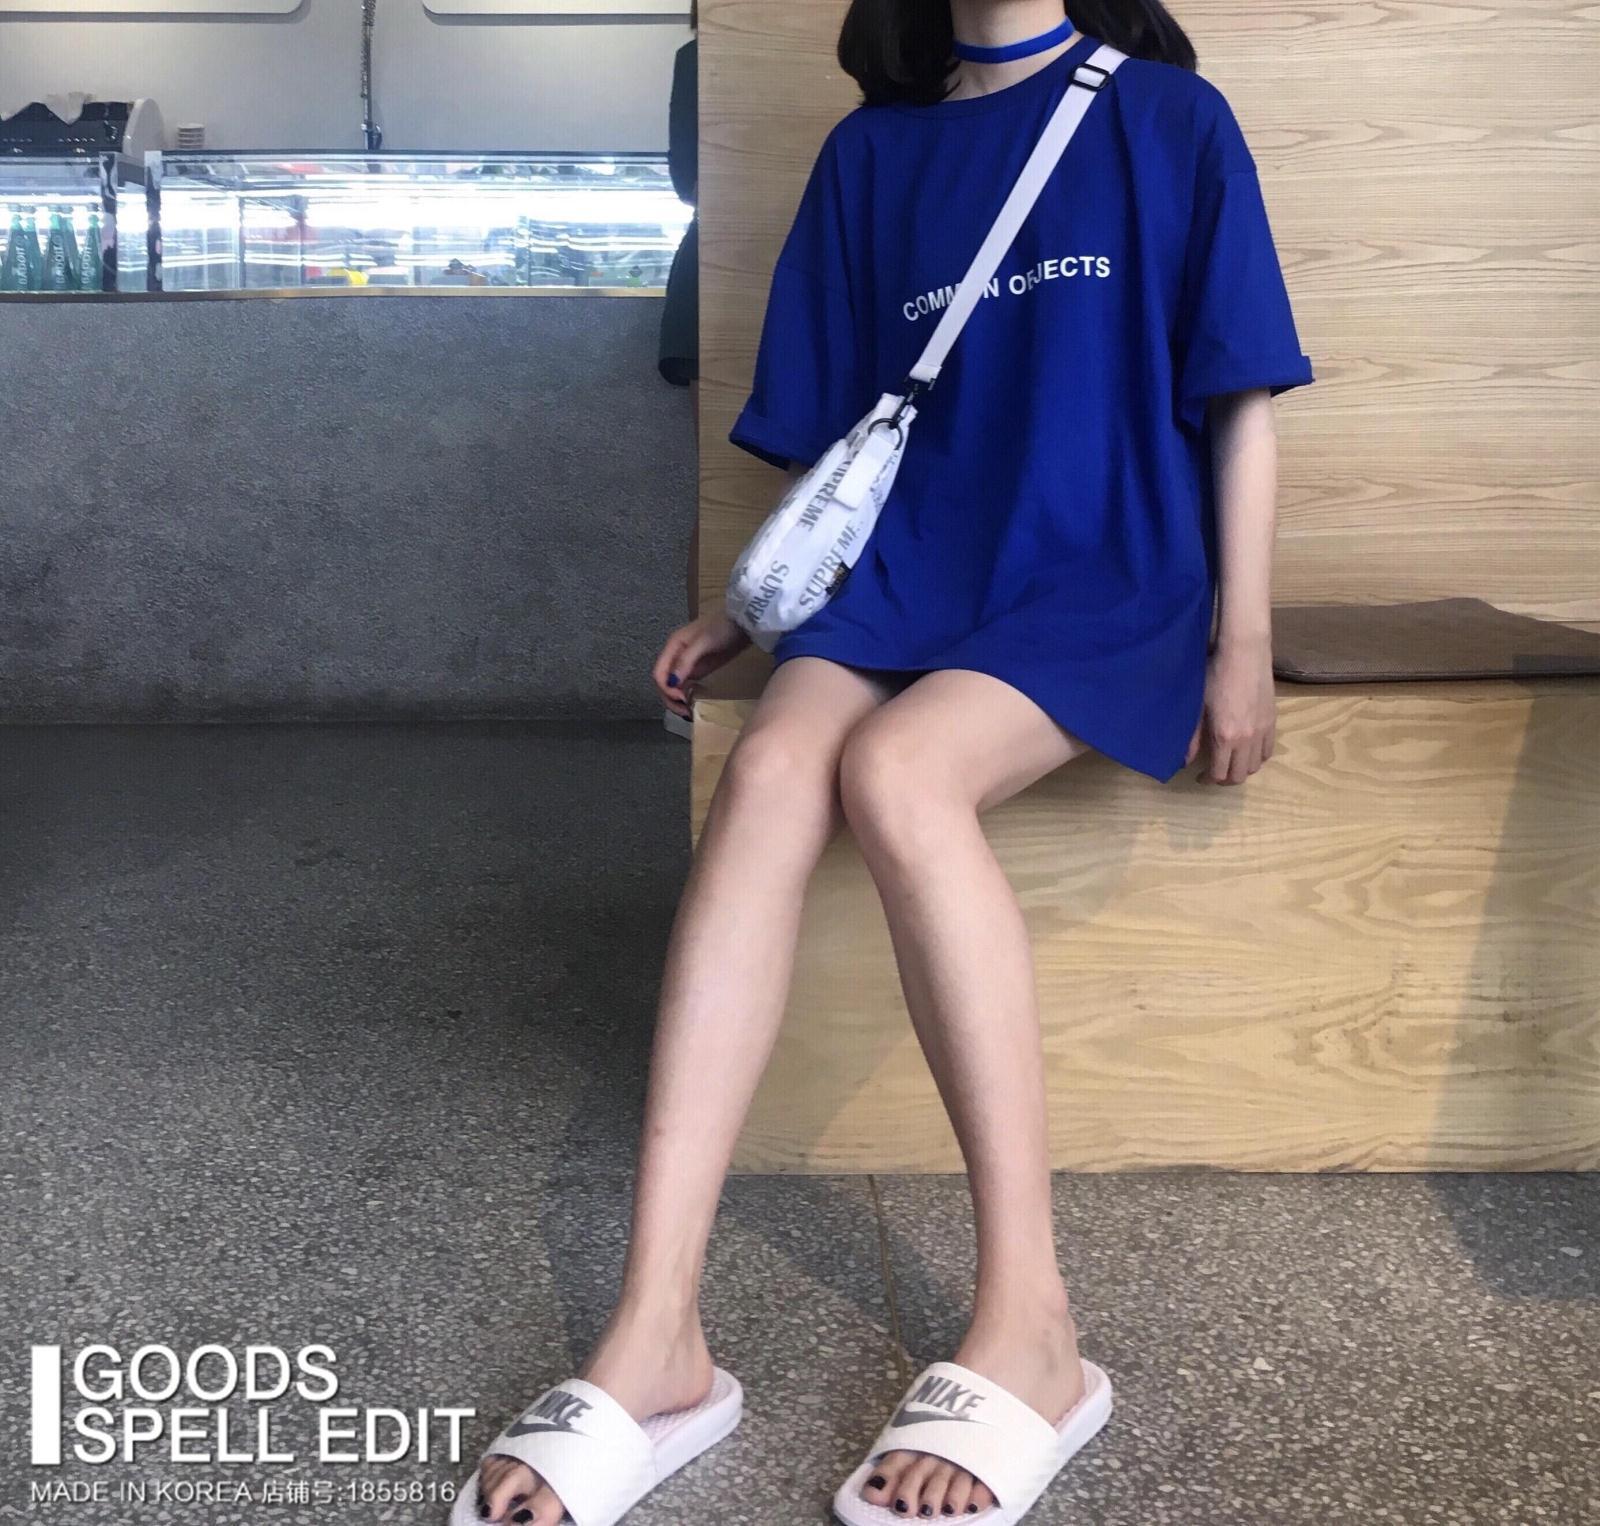 韩国2018夏季新款纯棉圆领短袖上衣女中长款宝蓝色字母百搭T恤潮